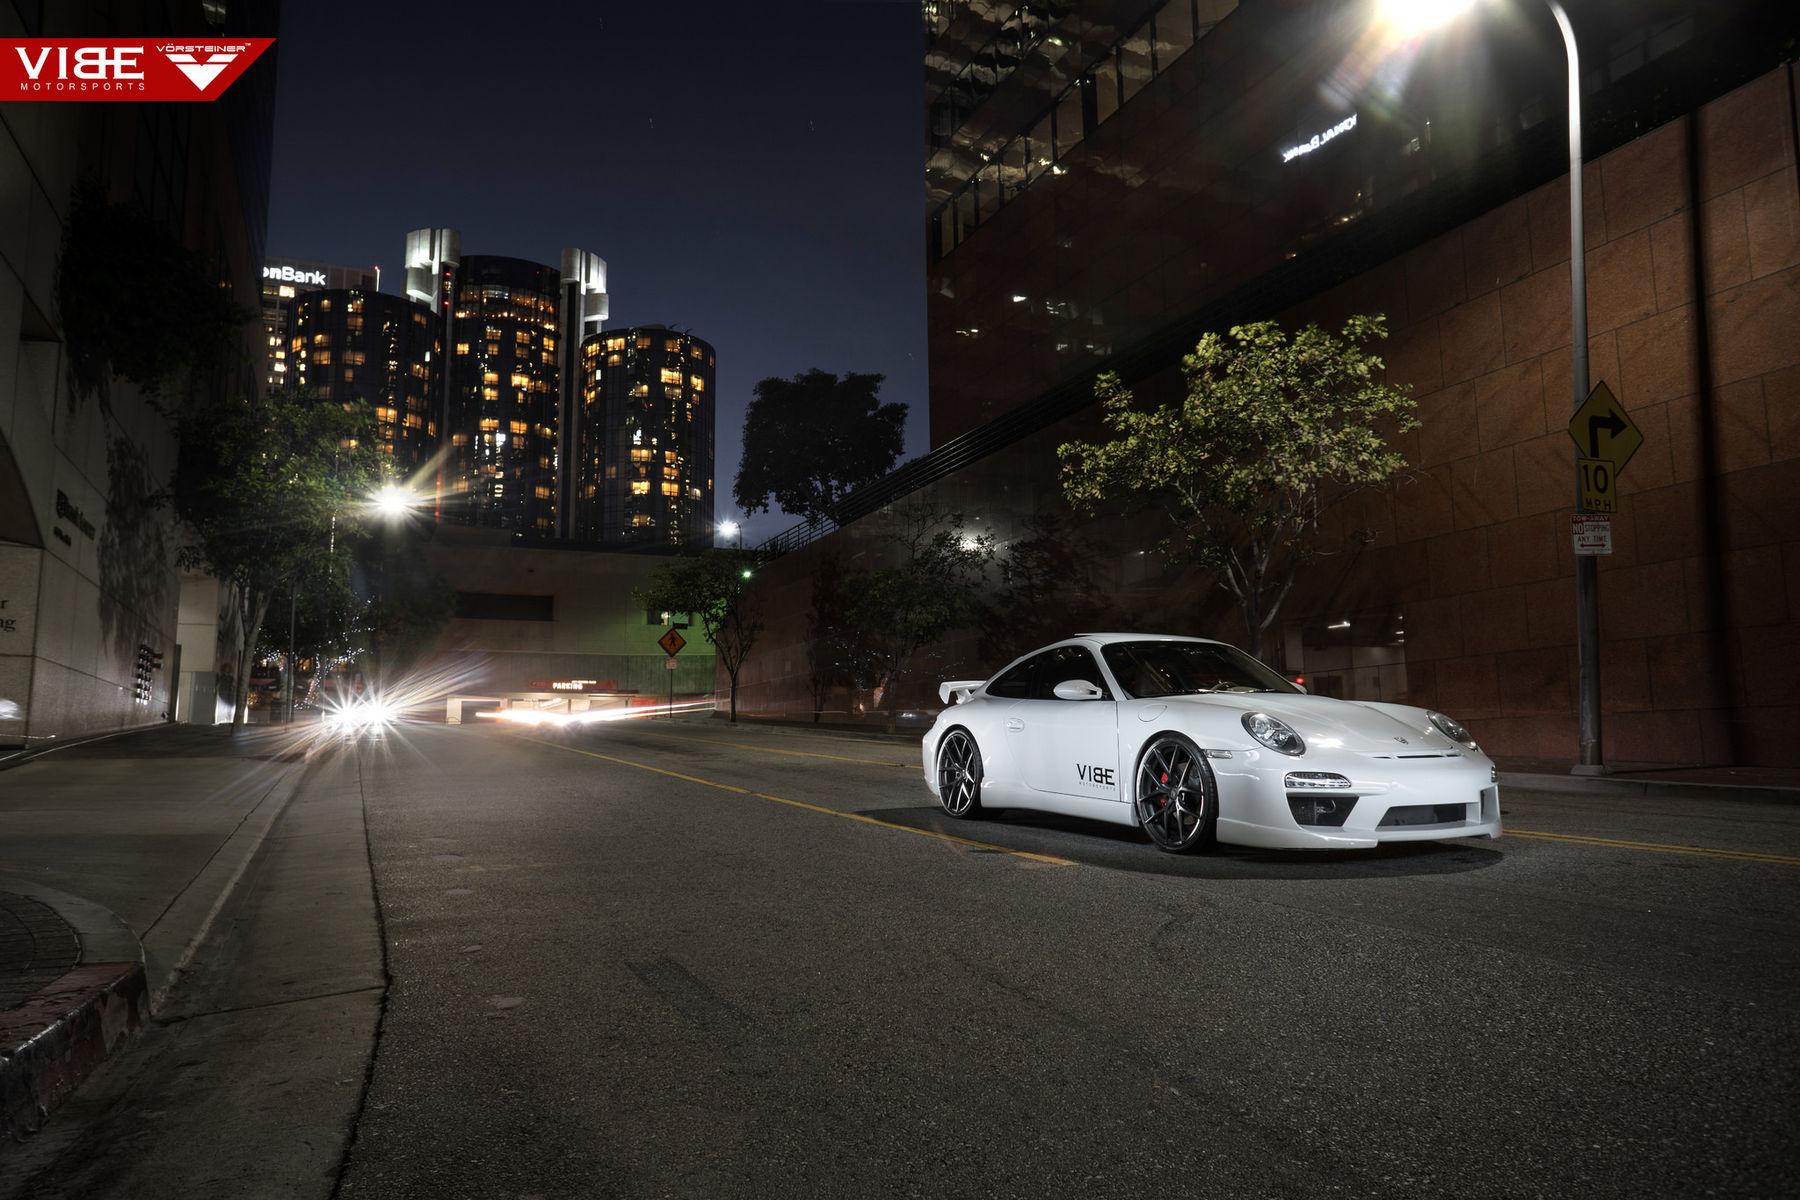 2006 Porsche 997 | Porsche Carrera S on Vorsteiner Wheels - City Lights